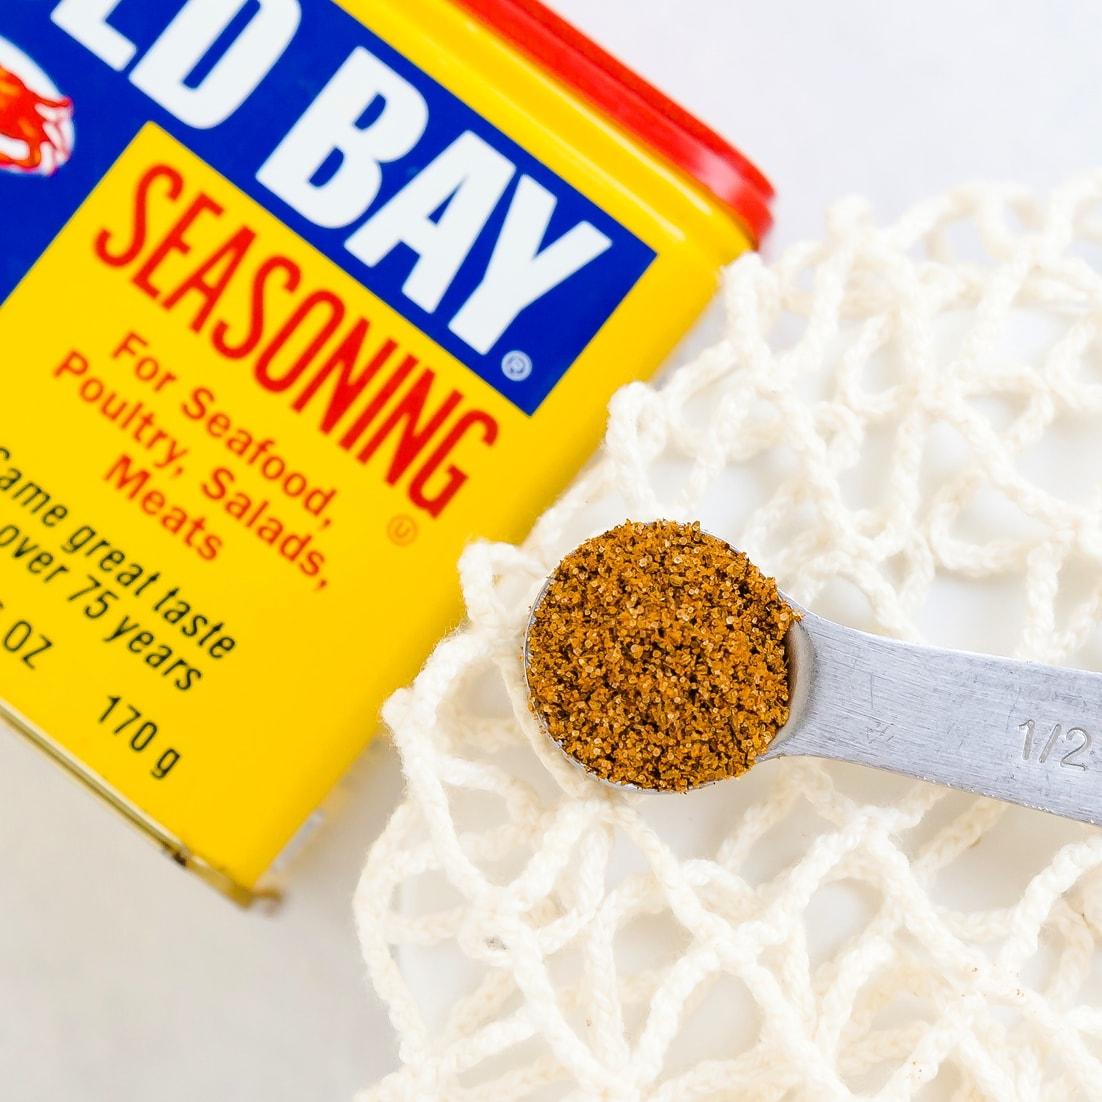 Old Bay seasoning in a measuring spoon